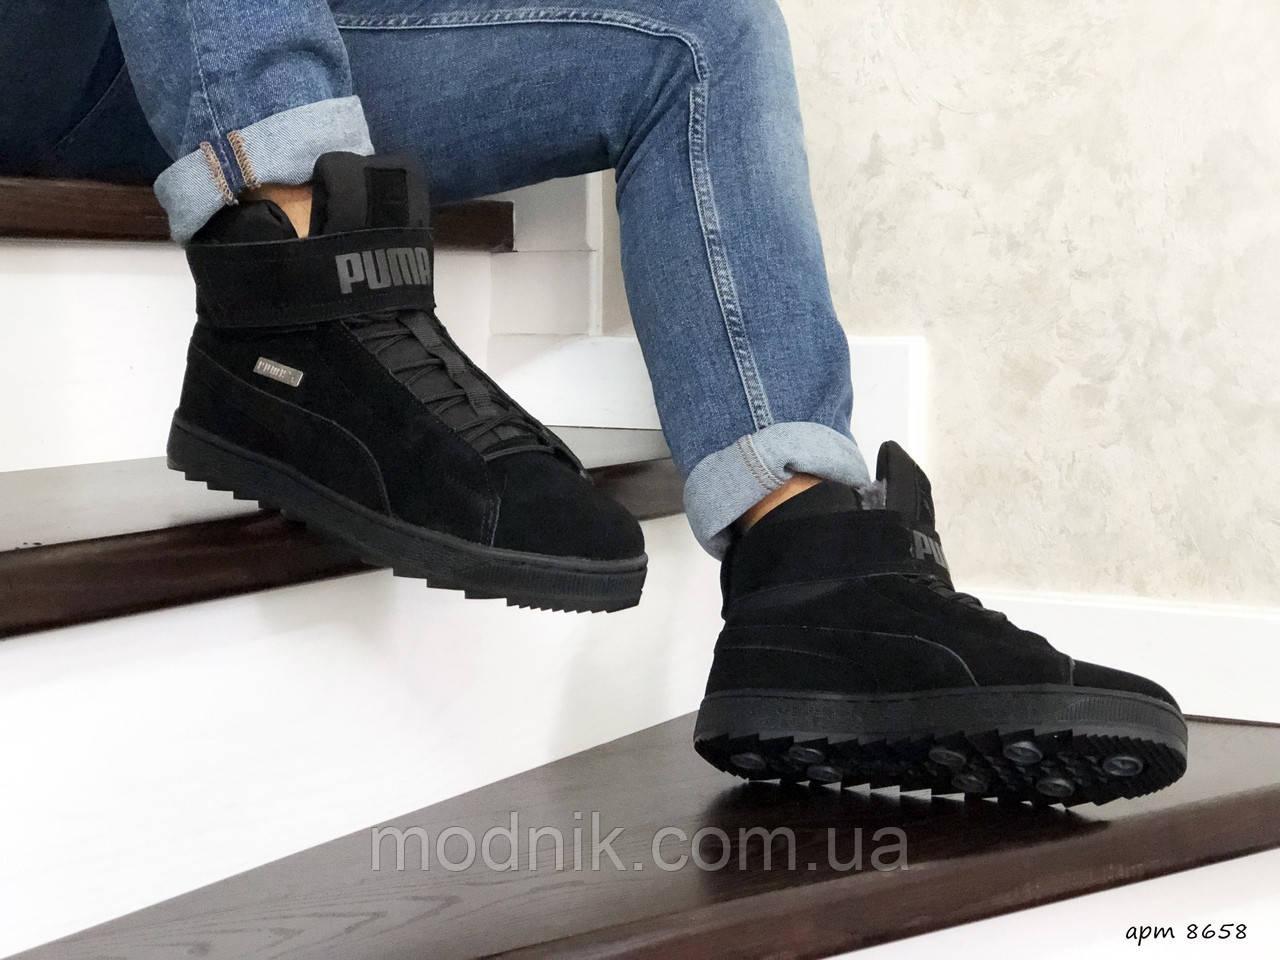 Мужские зимние кроссовки Puma (черные)